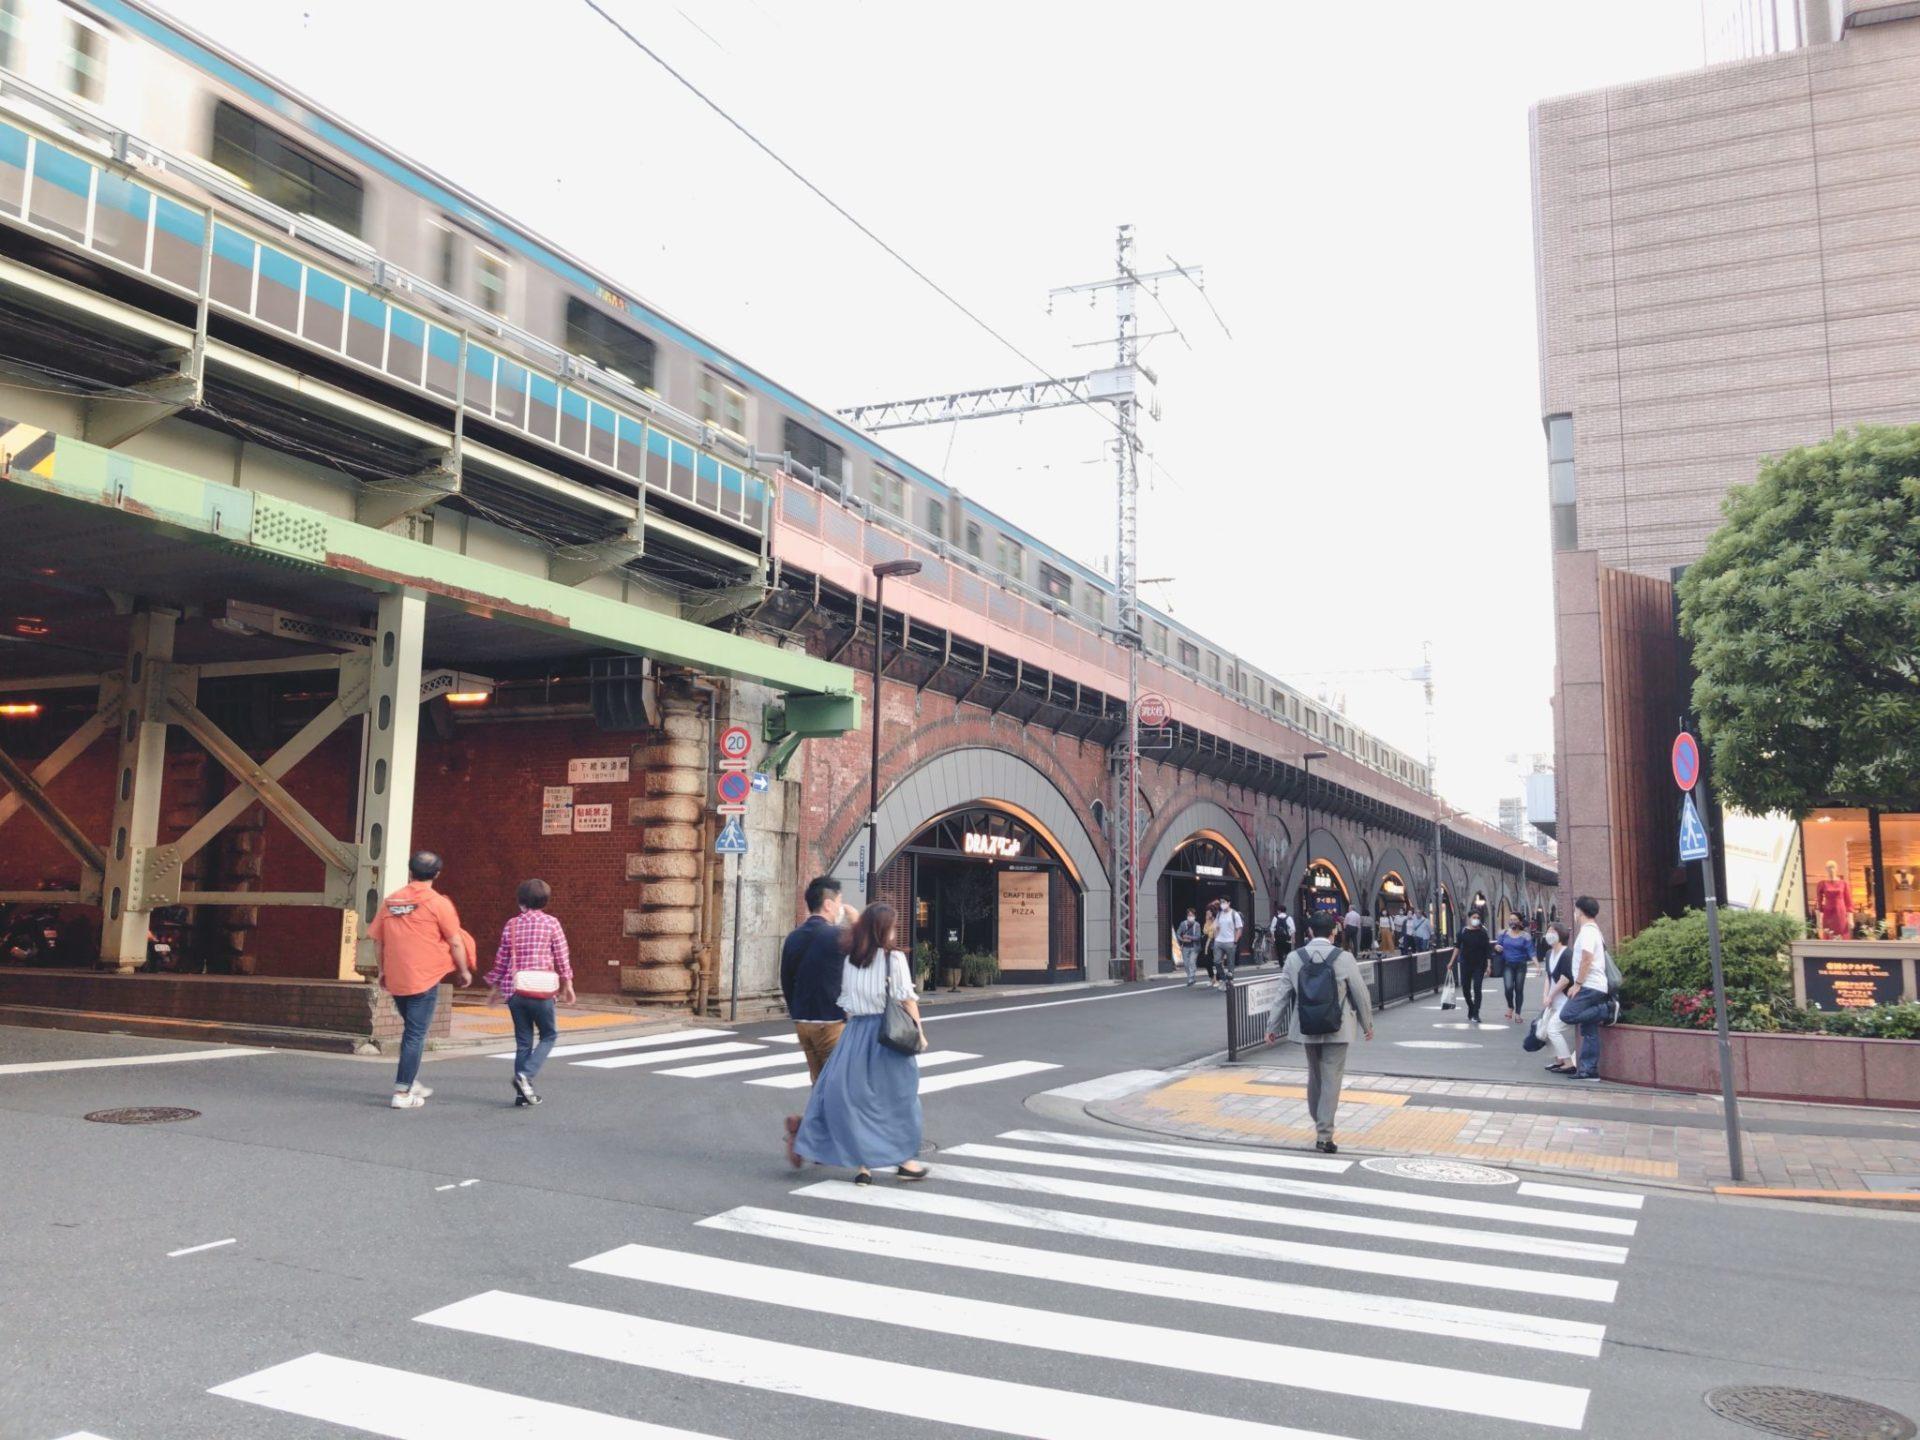 日比谷OKUROJI(ヒビヤオクロジ)は帝国ホテルの近く